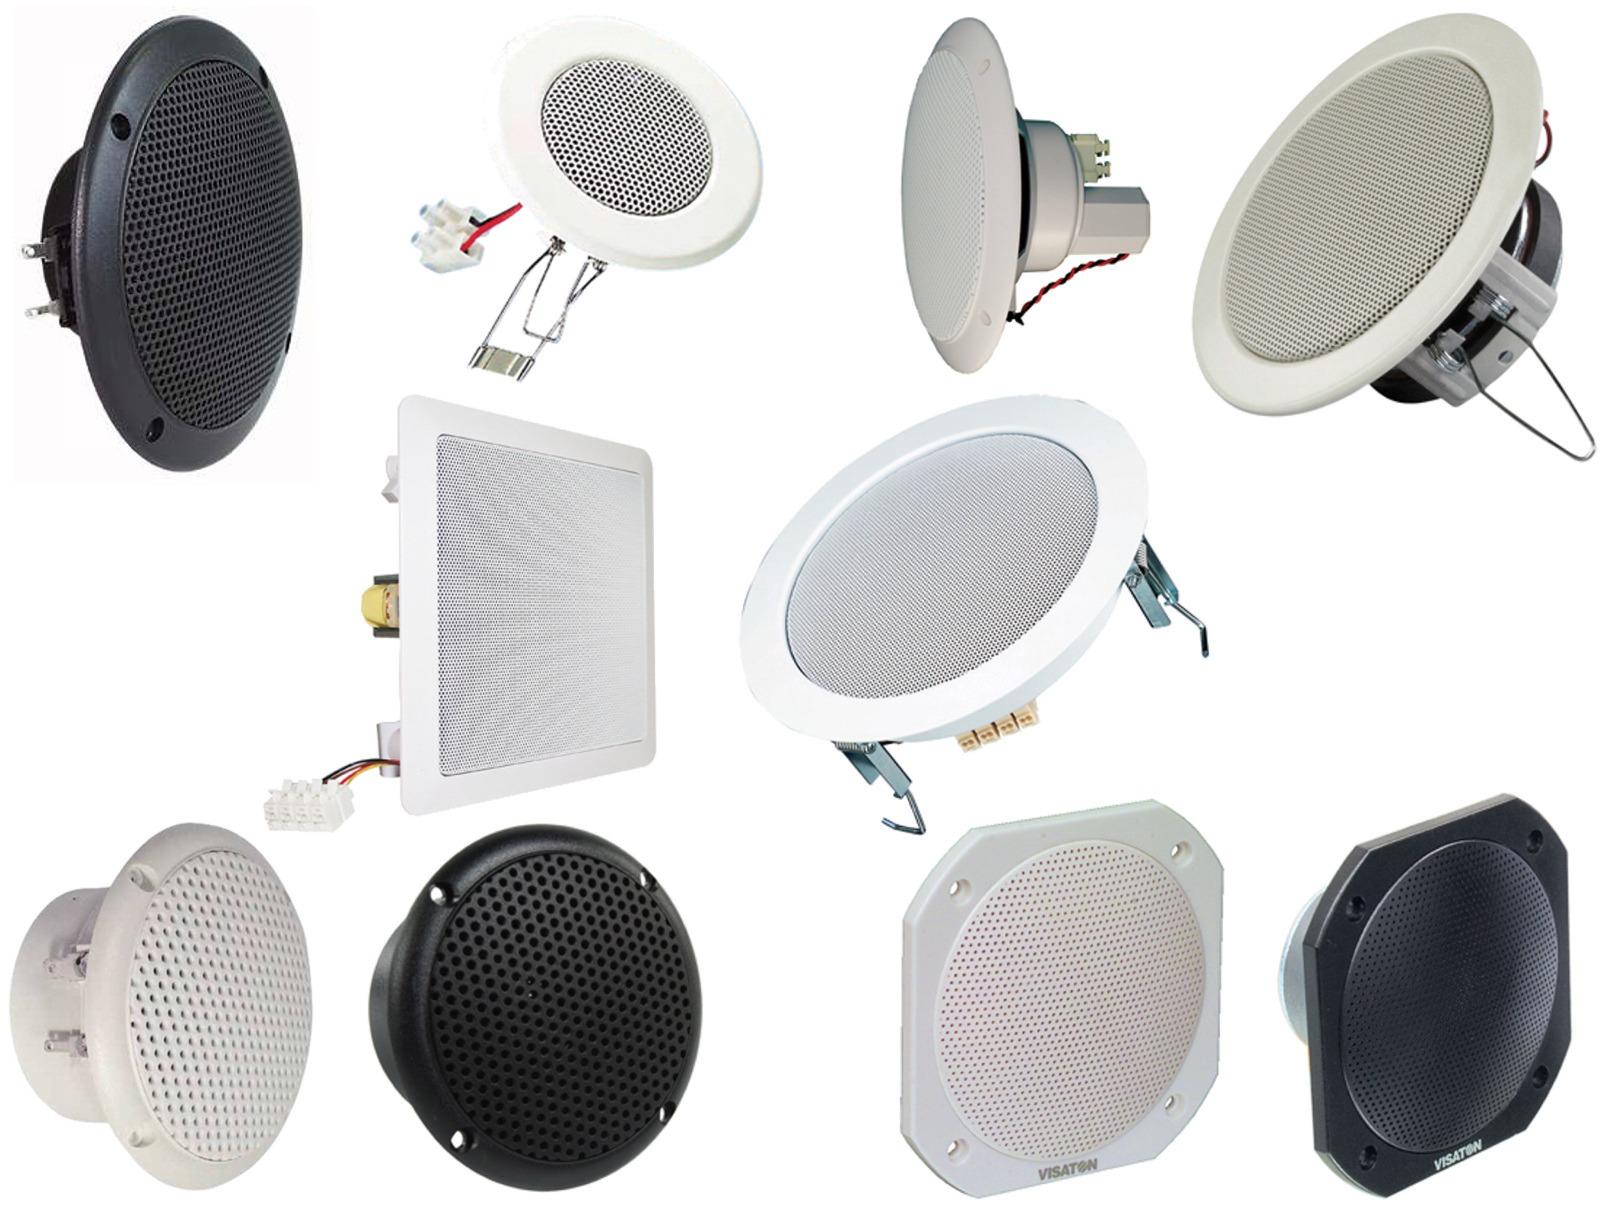 visaton einbau lautsprecher speaker decke au en bad feuchtraum schraube klemm ebay. Black Bedroom Furniture Sets. Home Design Ideas